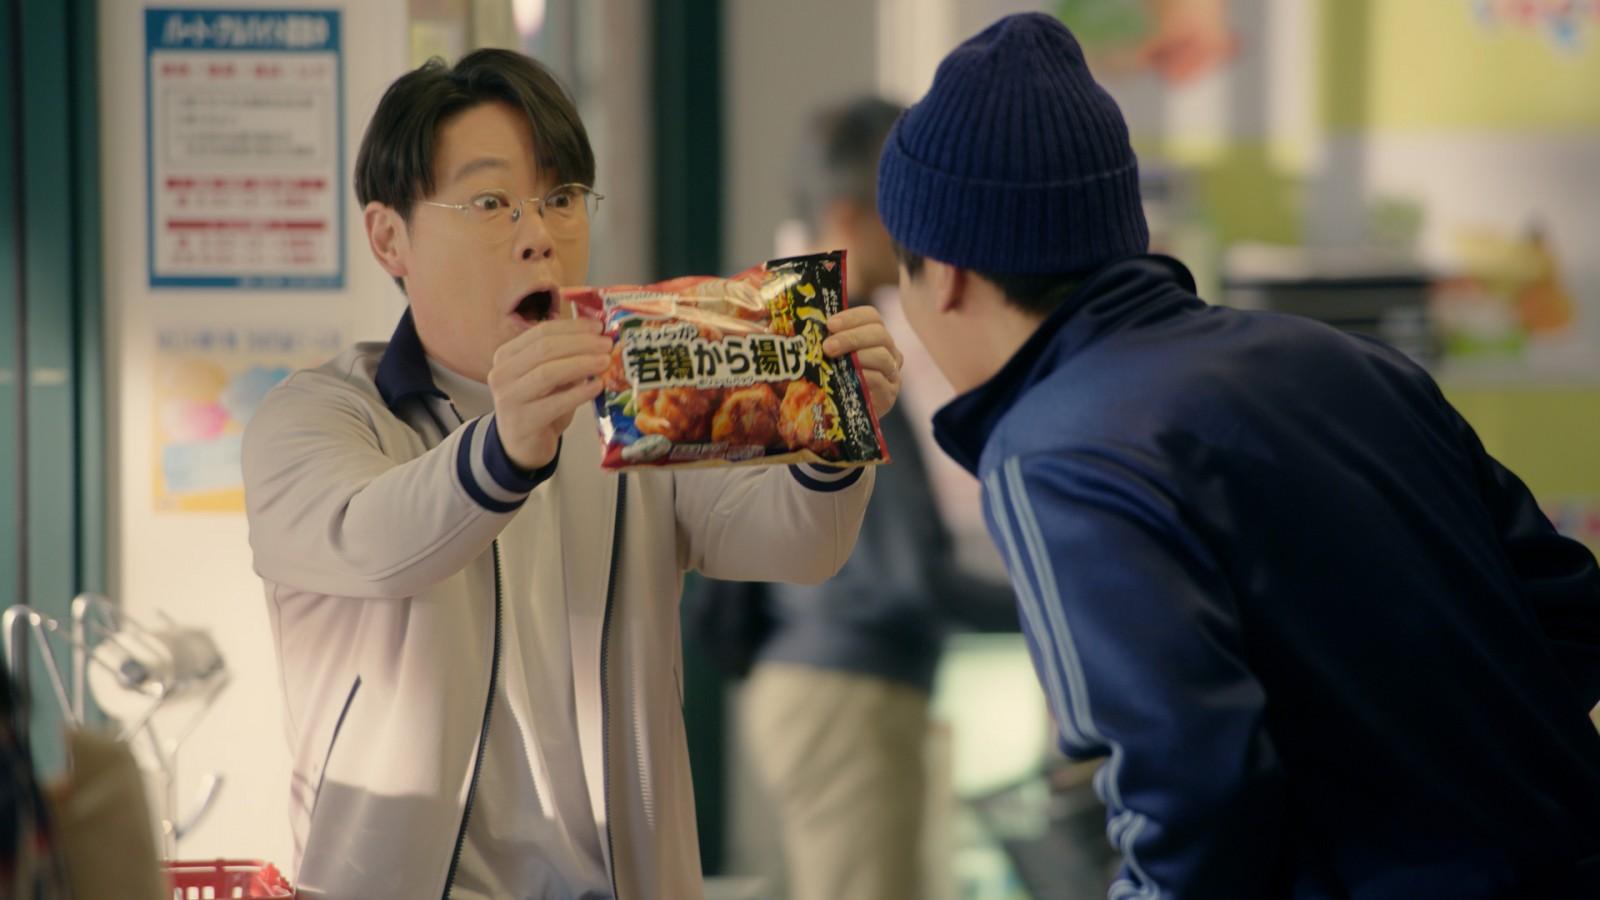 「二弾仕込みど~ん!」 阿部サダヲさん×中川大志さんのハイテンションTVCM「やわらか若鶏から揚げボリュームパック」